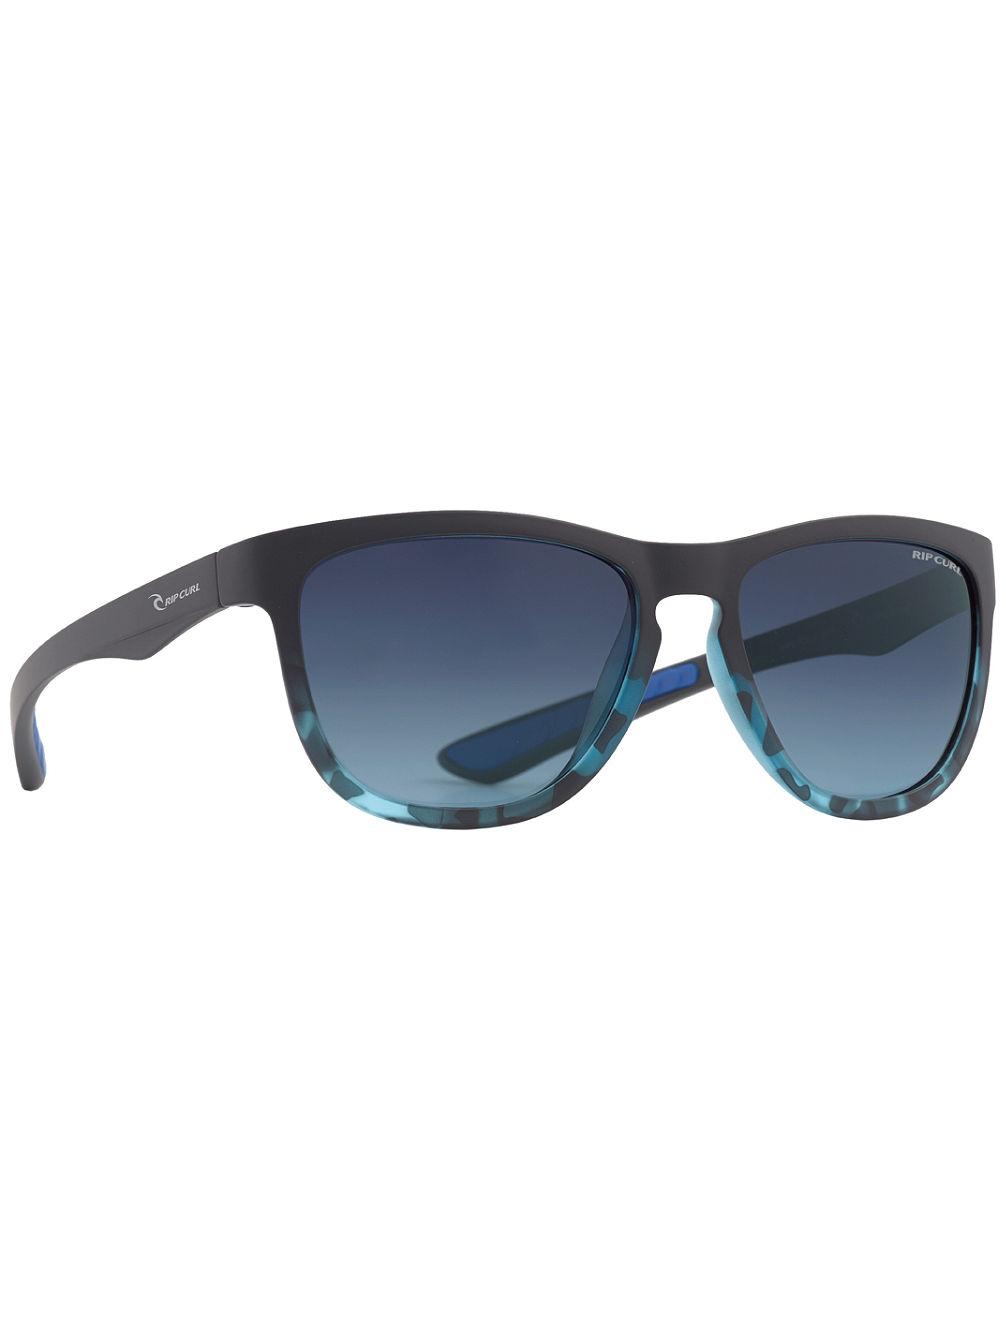 7abee729dc Compra Rip Curl Eyewear R2806B Matte Black/Blue Gafas de Sol en línea en  Blue Tomato